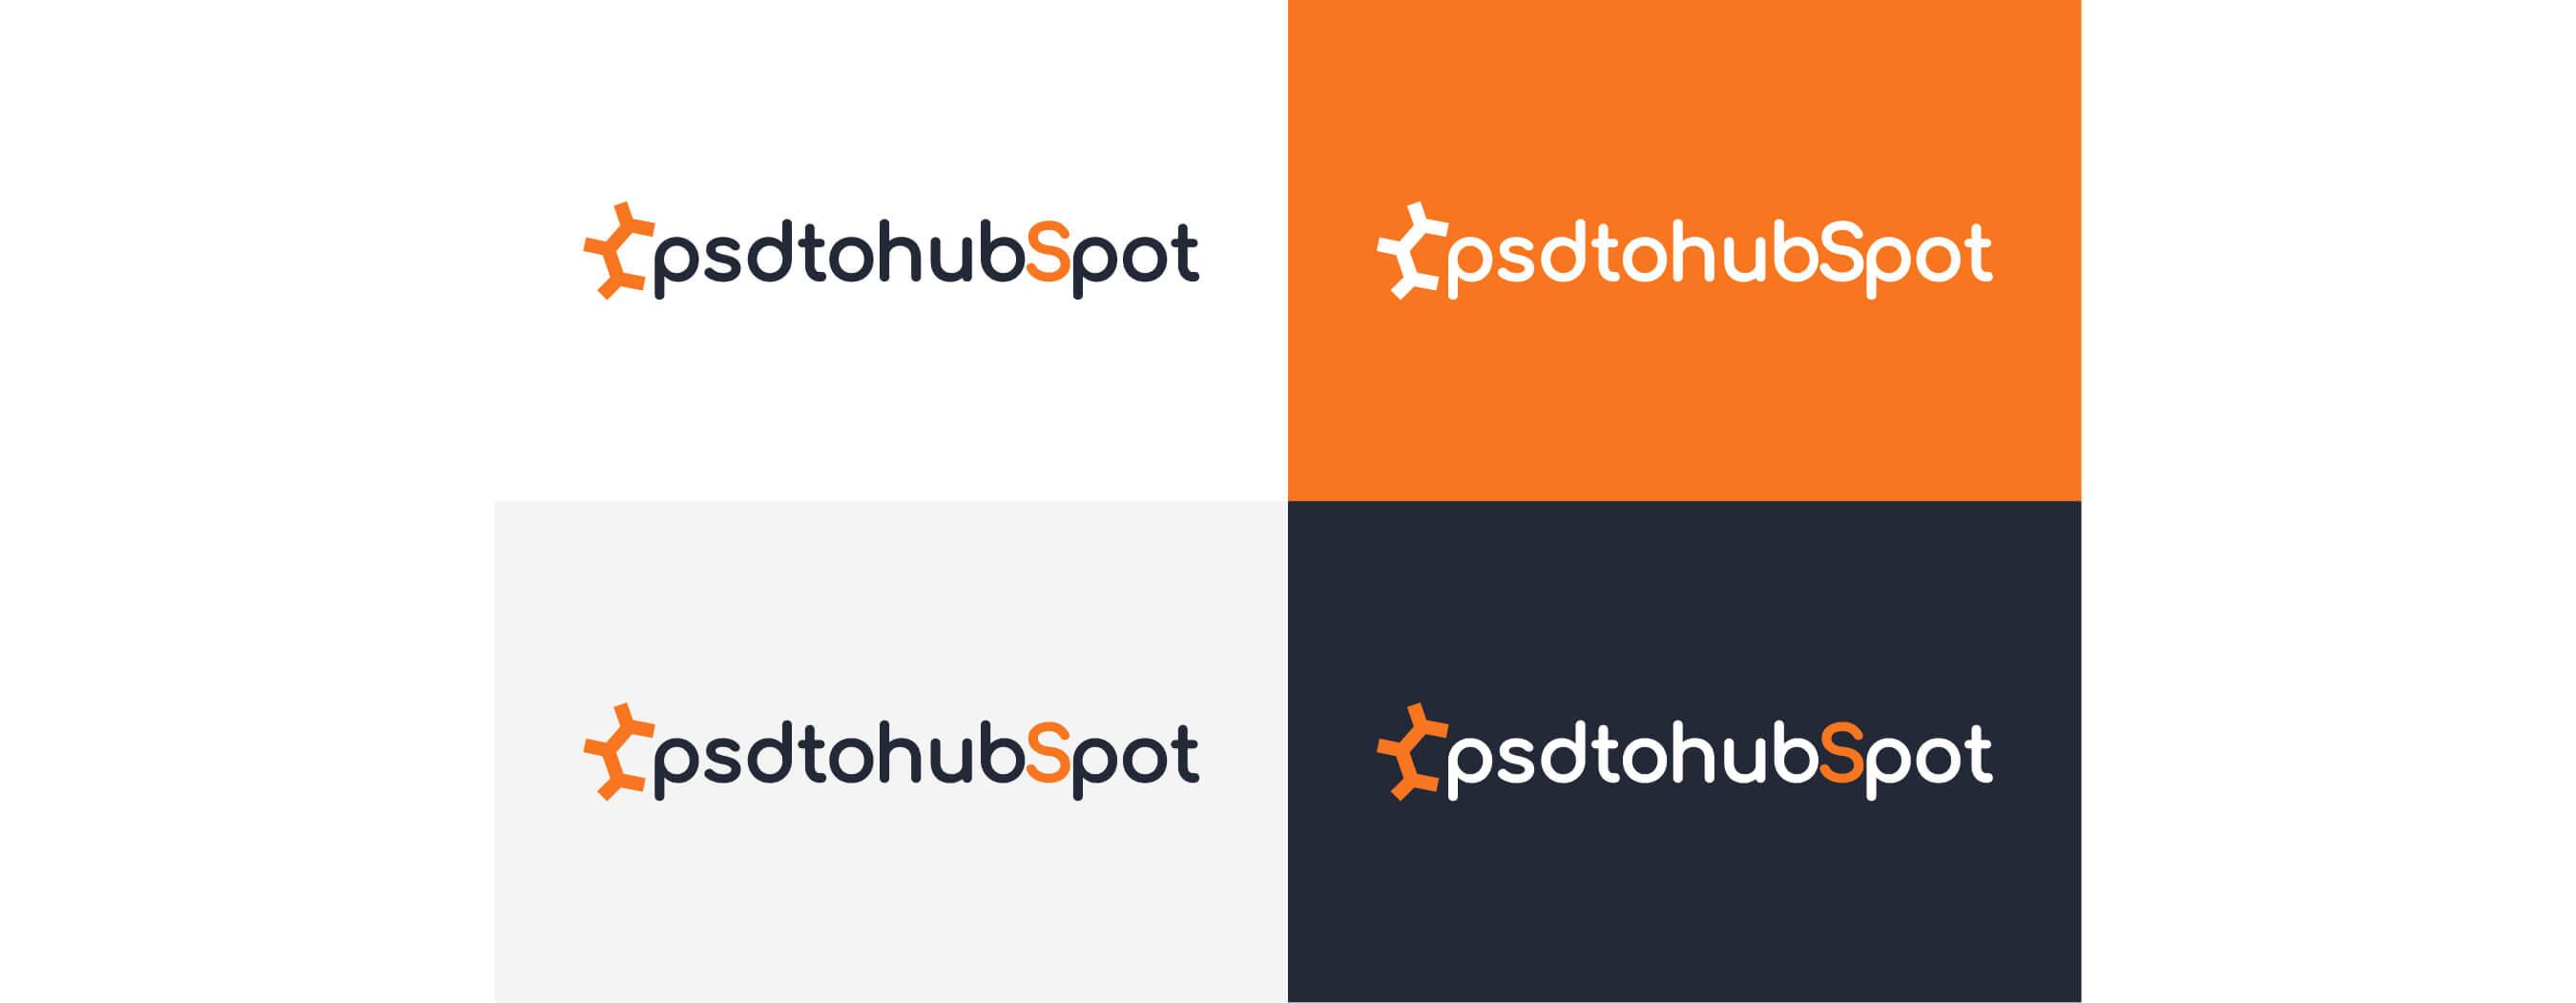 Psdtohubspot Logo Design by wow.design